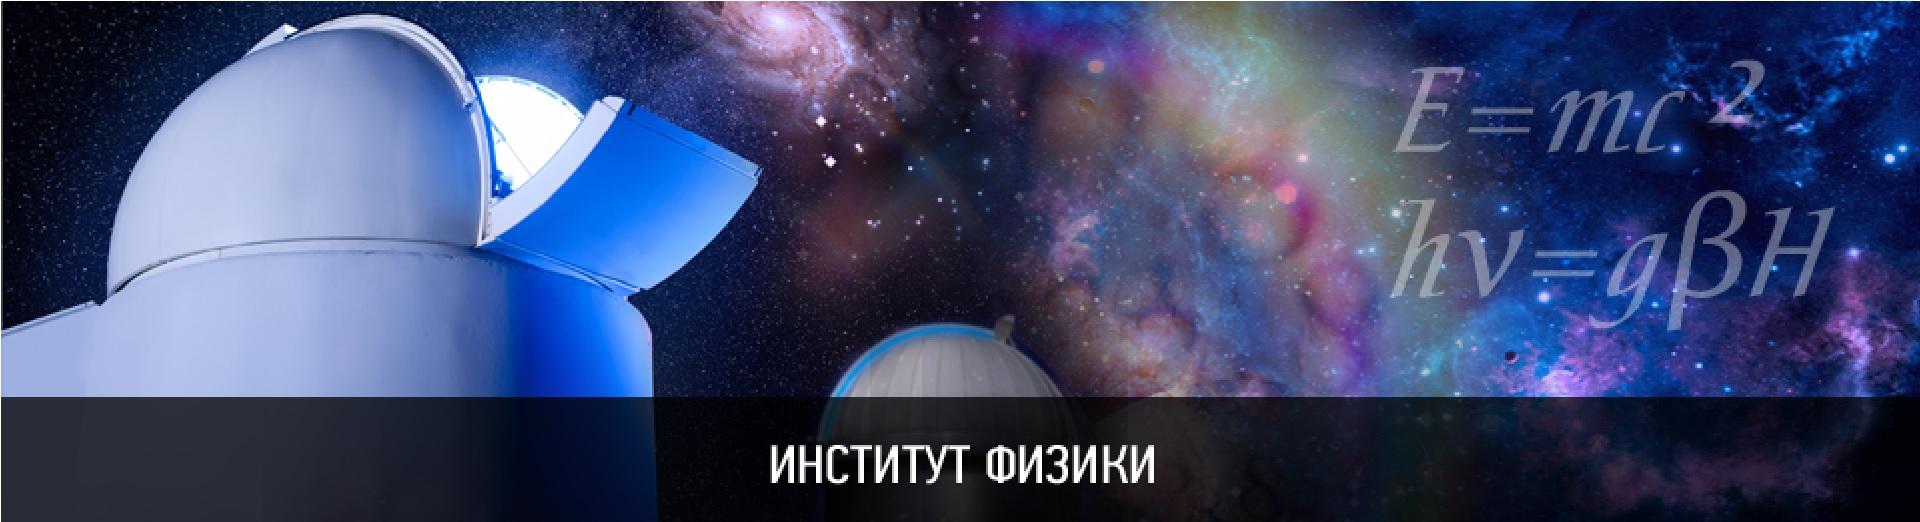 Портал КФУ \ Образование \ Институт физики \ Учебный процесс \ Практика